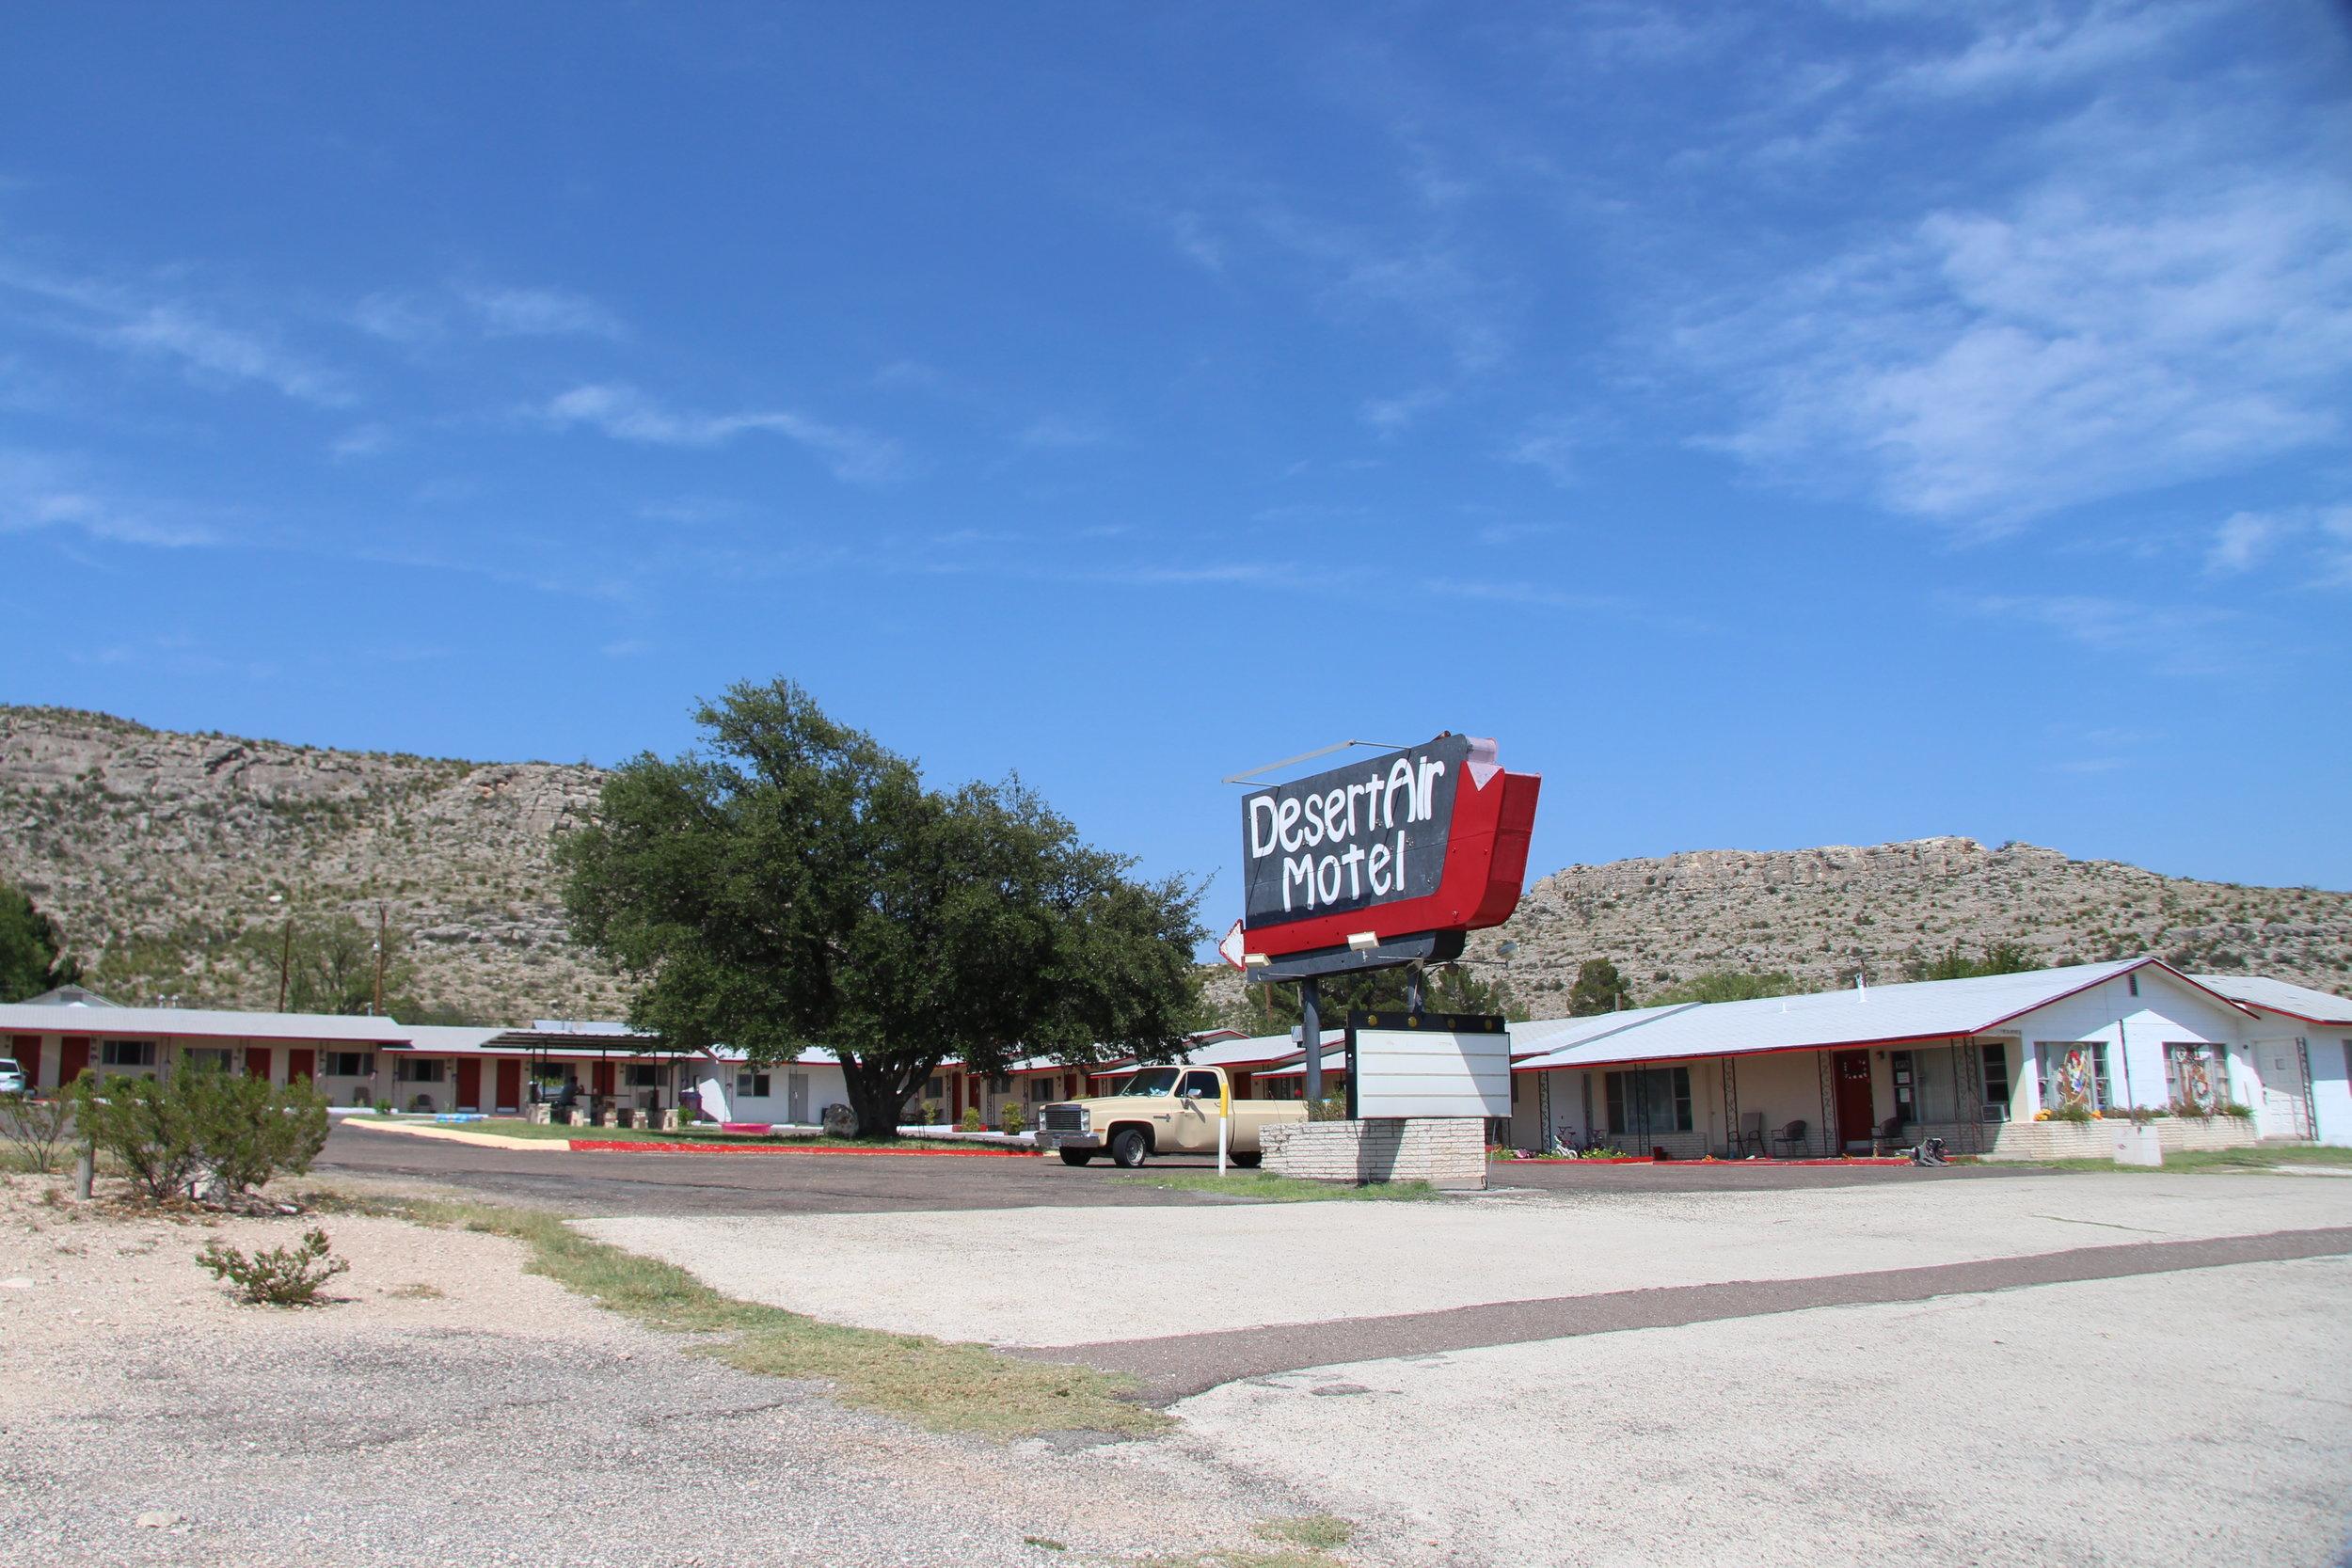 The Desert Air Motel